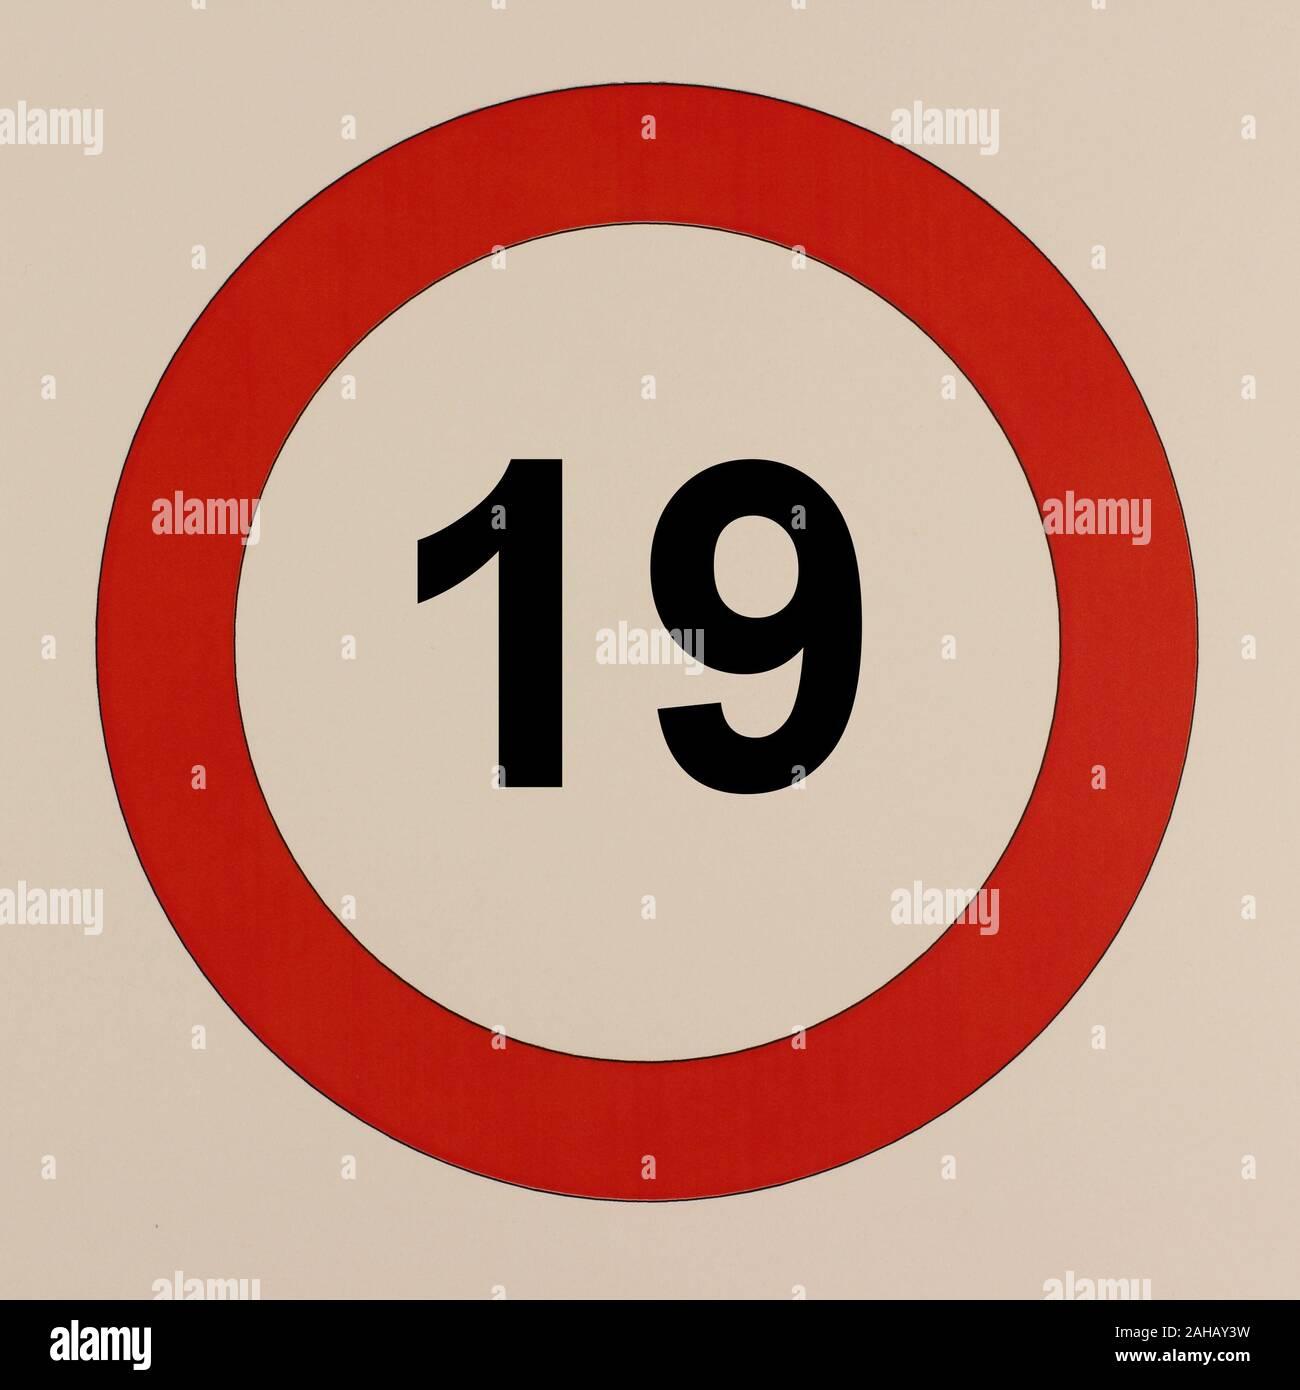 Illustration der Zahl 19 in einem Straßenverkehrsschild Stock Photo